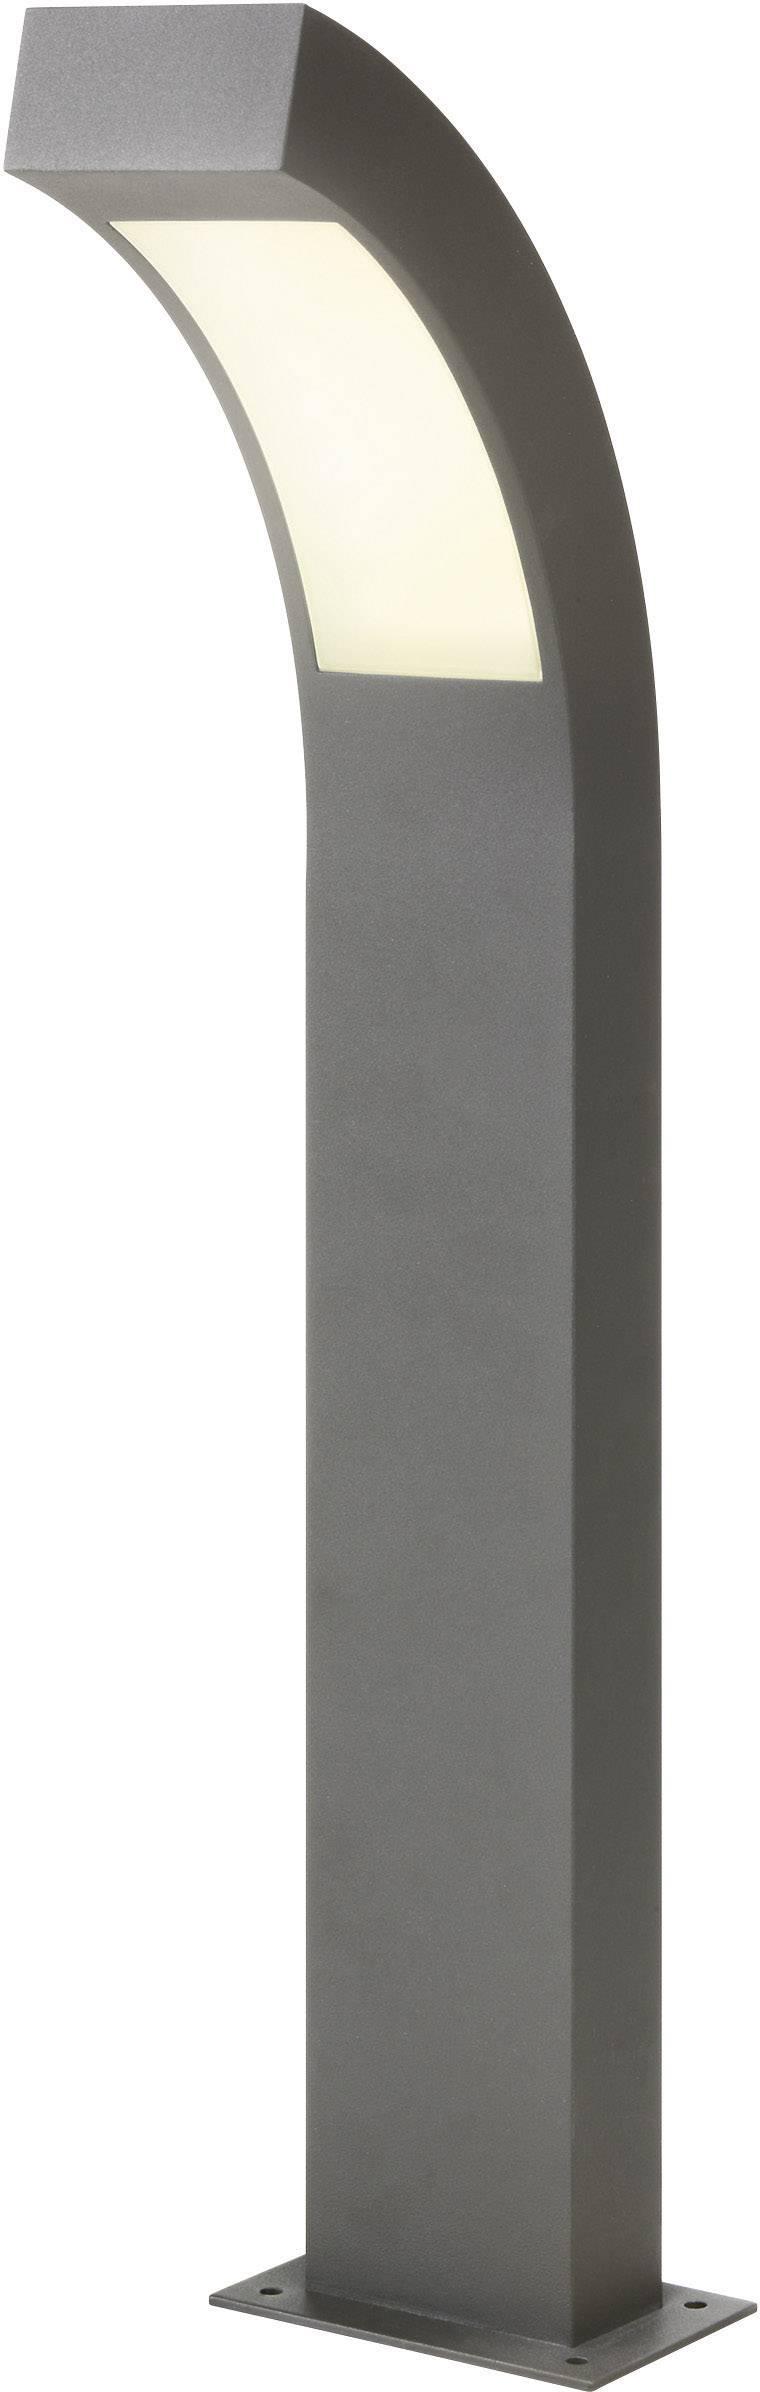 Venkovní stojací LED lampa Esotec Line 105191, 4.5 W, neutrálně bílá, antracitová